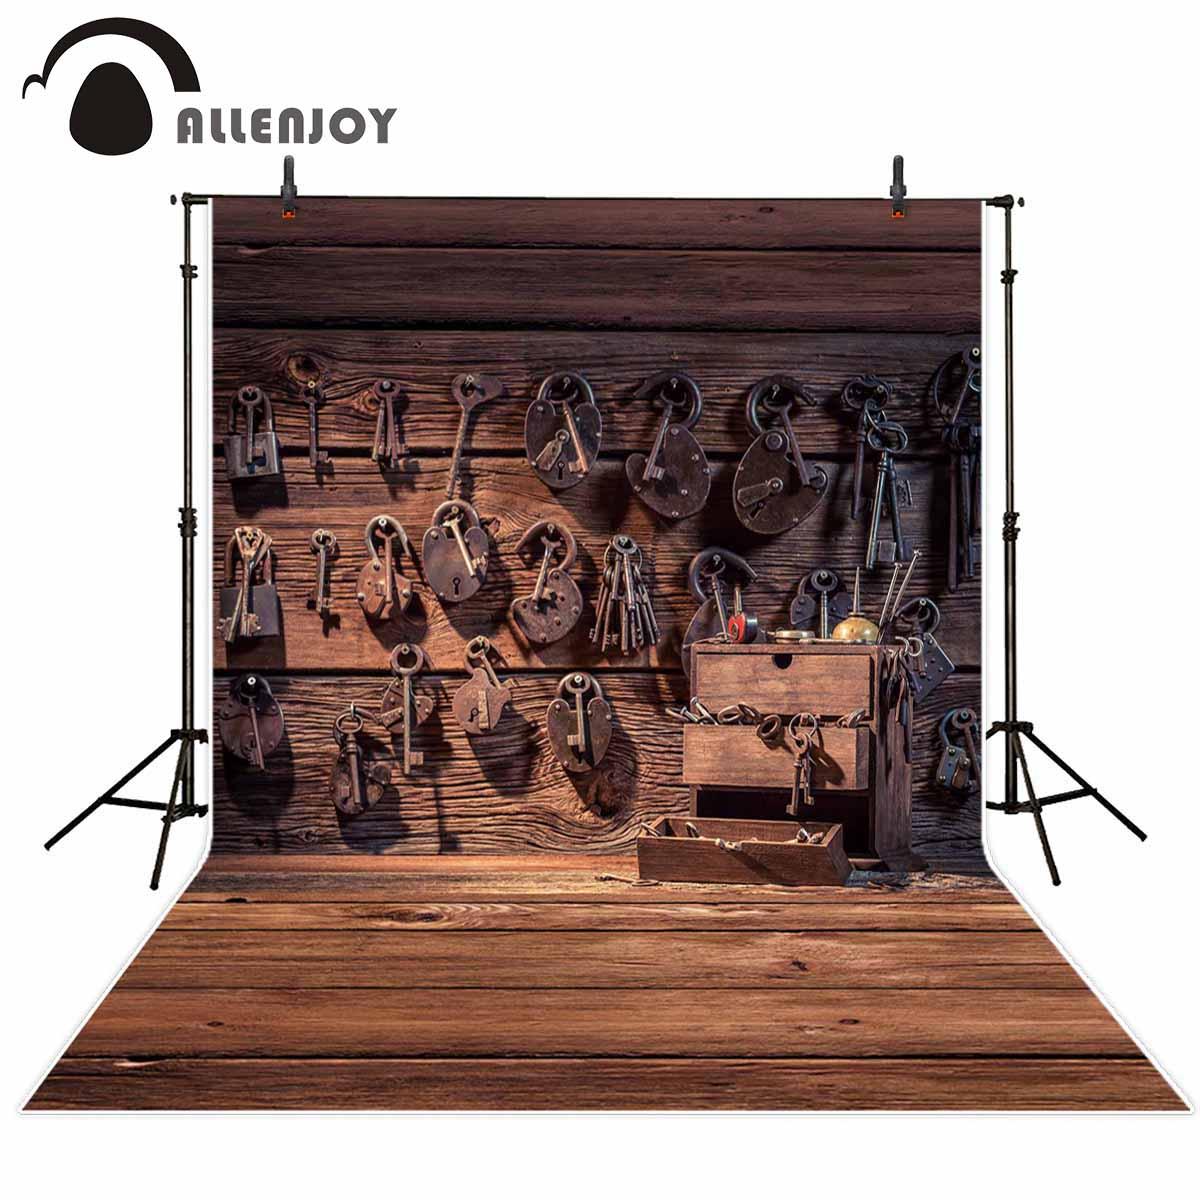 Allenjoy fotografía telón de fondo cerraduras Vintage de pared Reparación de madera Fondo sesión fotográfica cabina de estudio fotográfico decoración sesión fotográfica